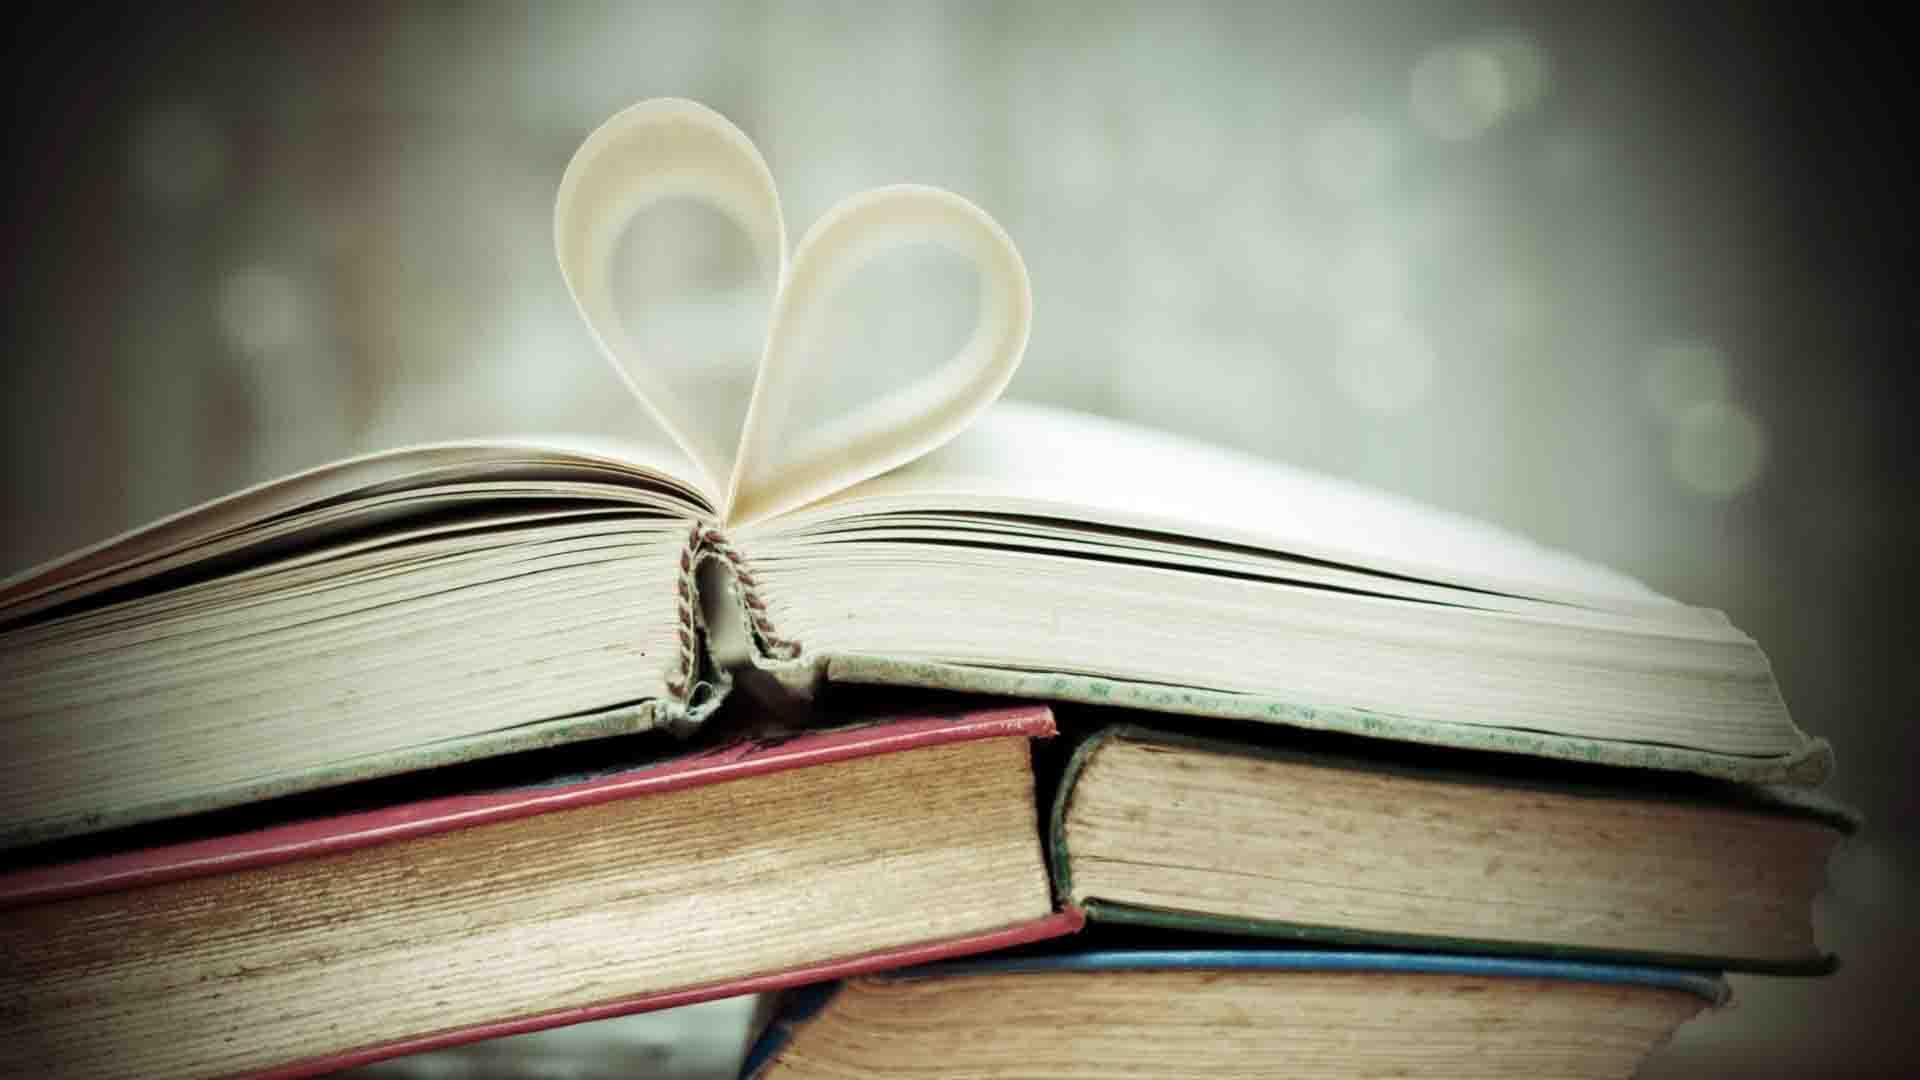 Hình ảnh tờ giấy trái tim